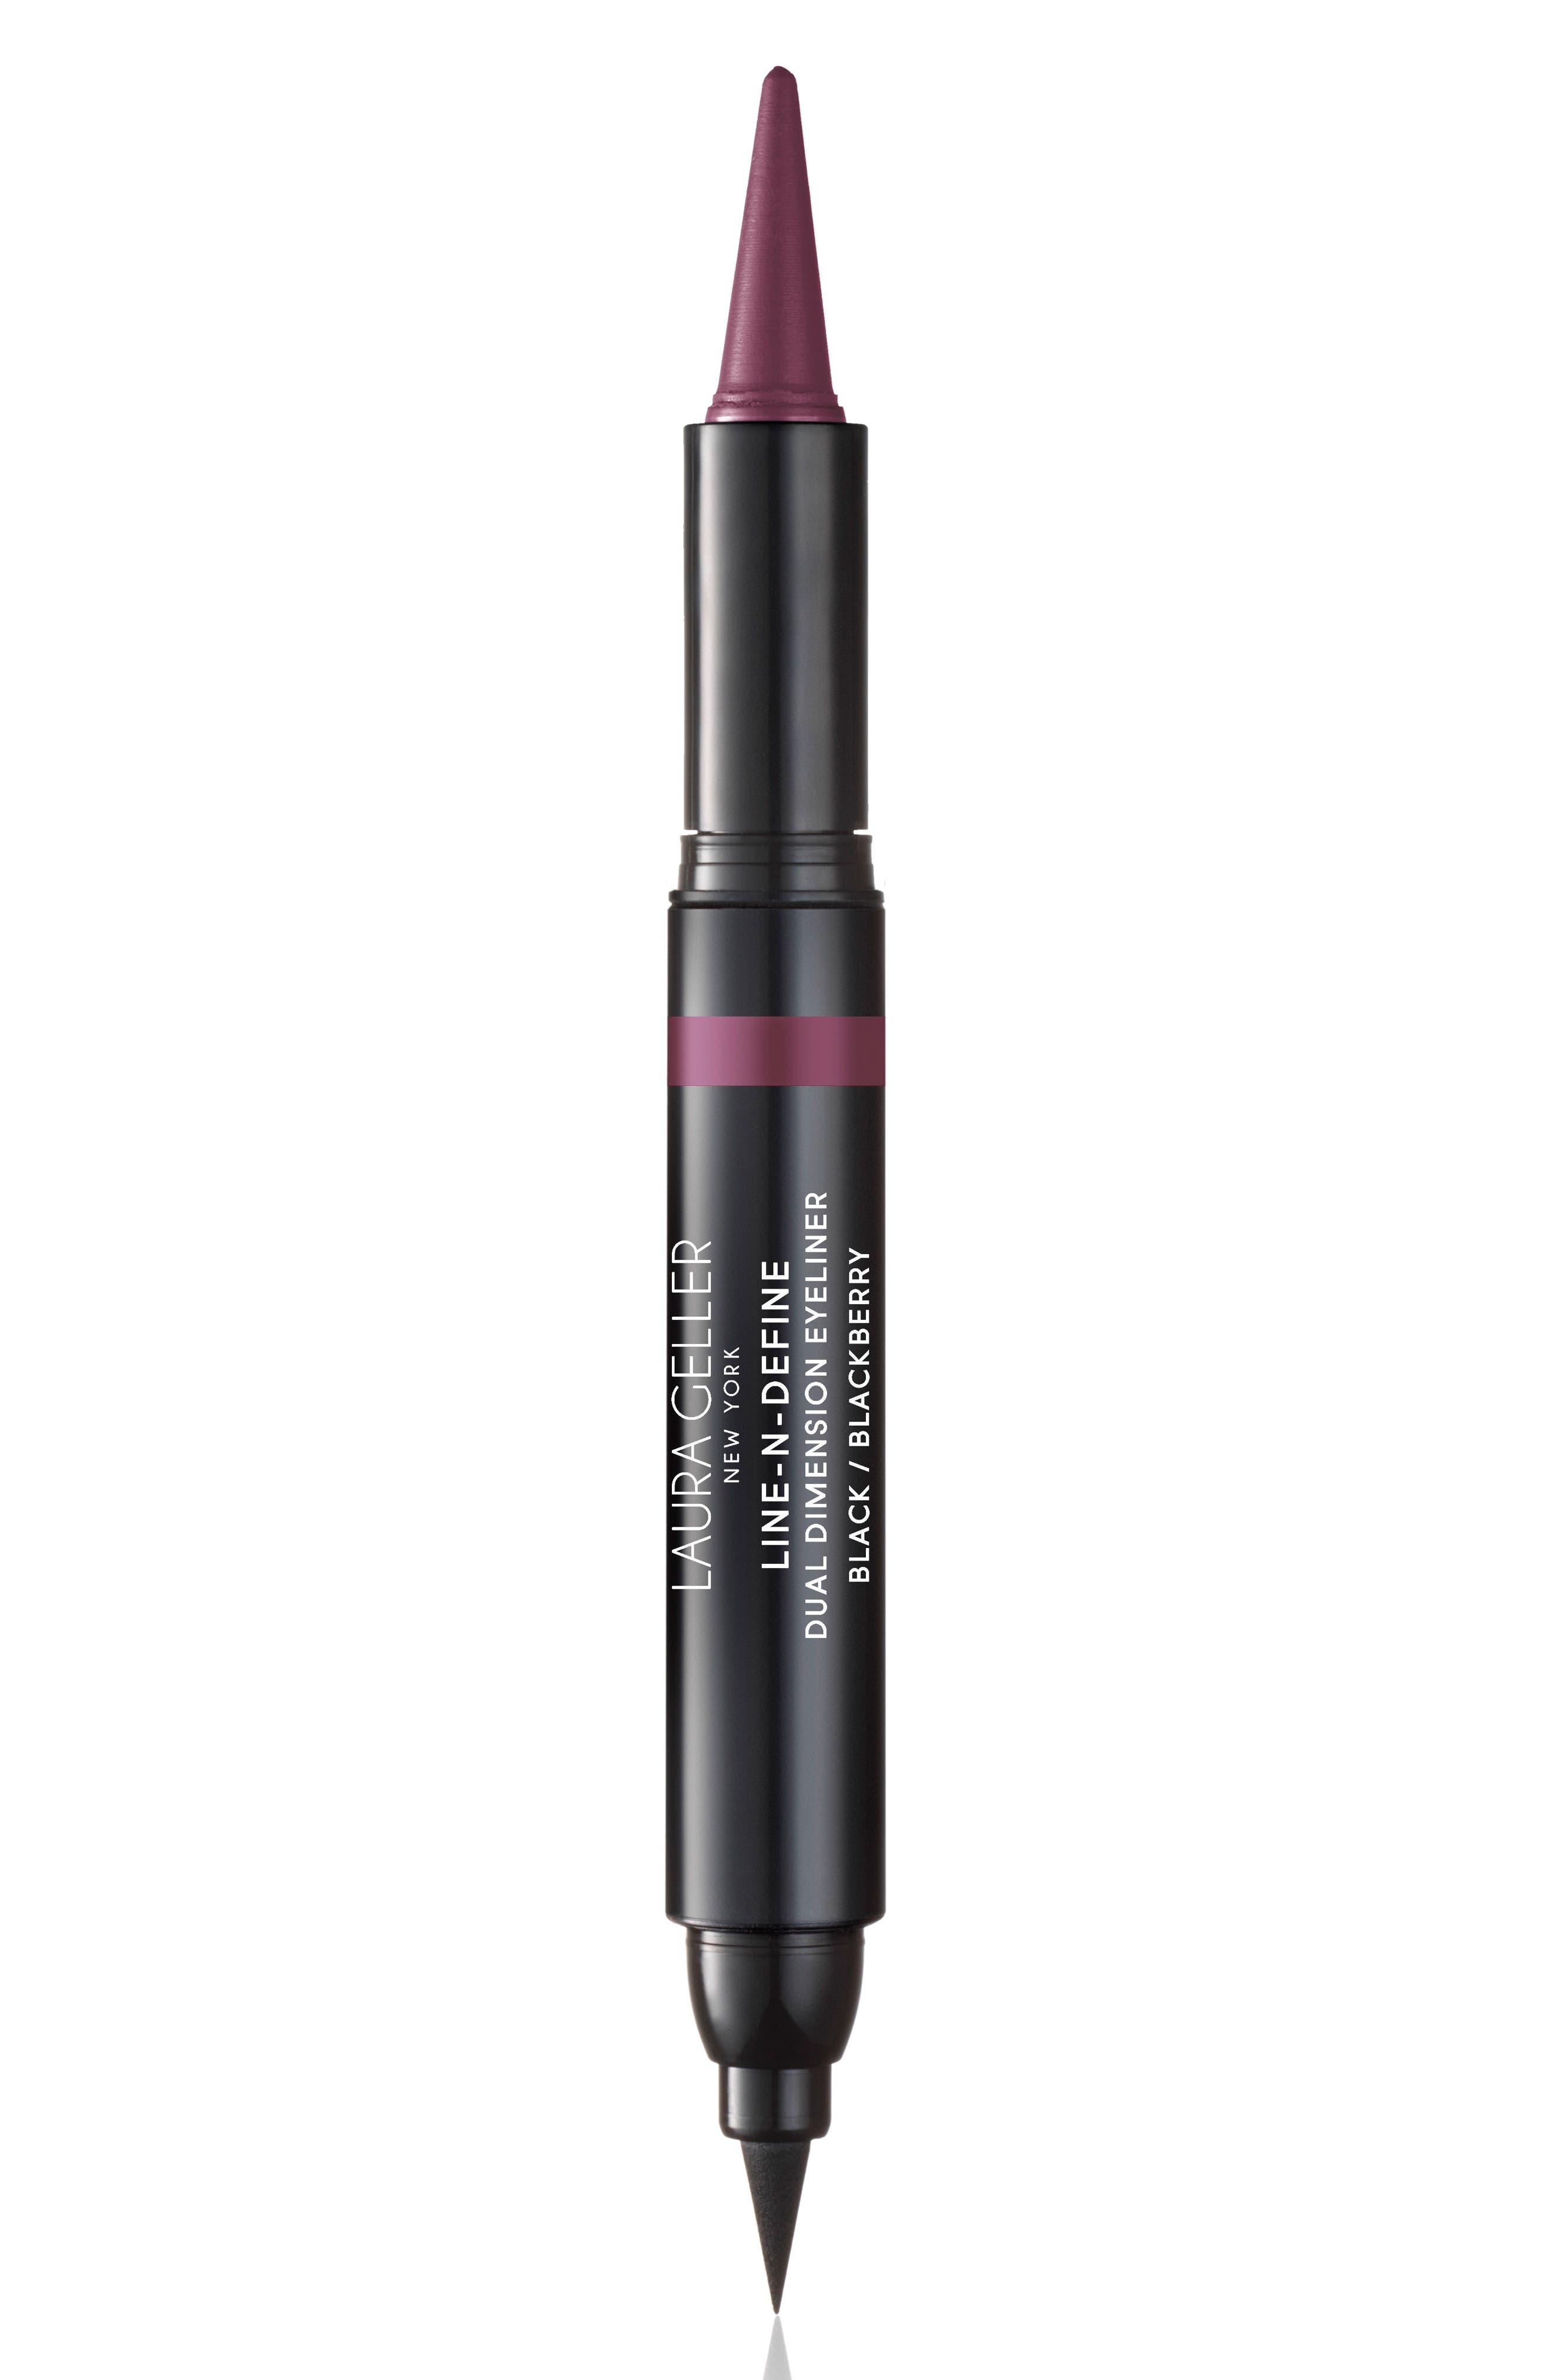 Laura Geller Beauty Line-N-Define Dual Dimension Eyeliner - Blackberry